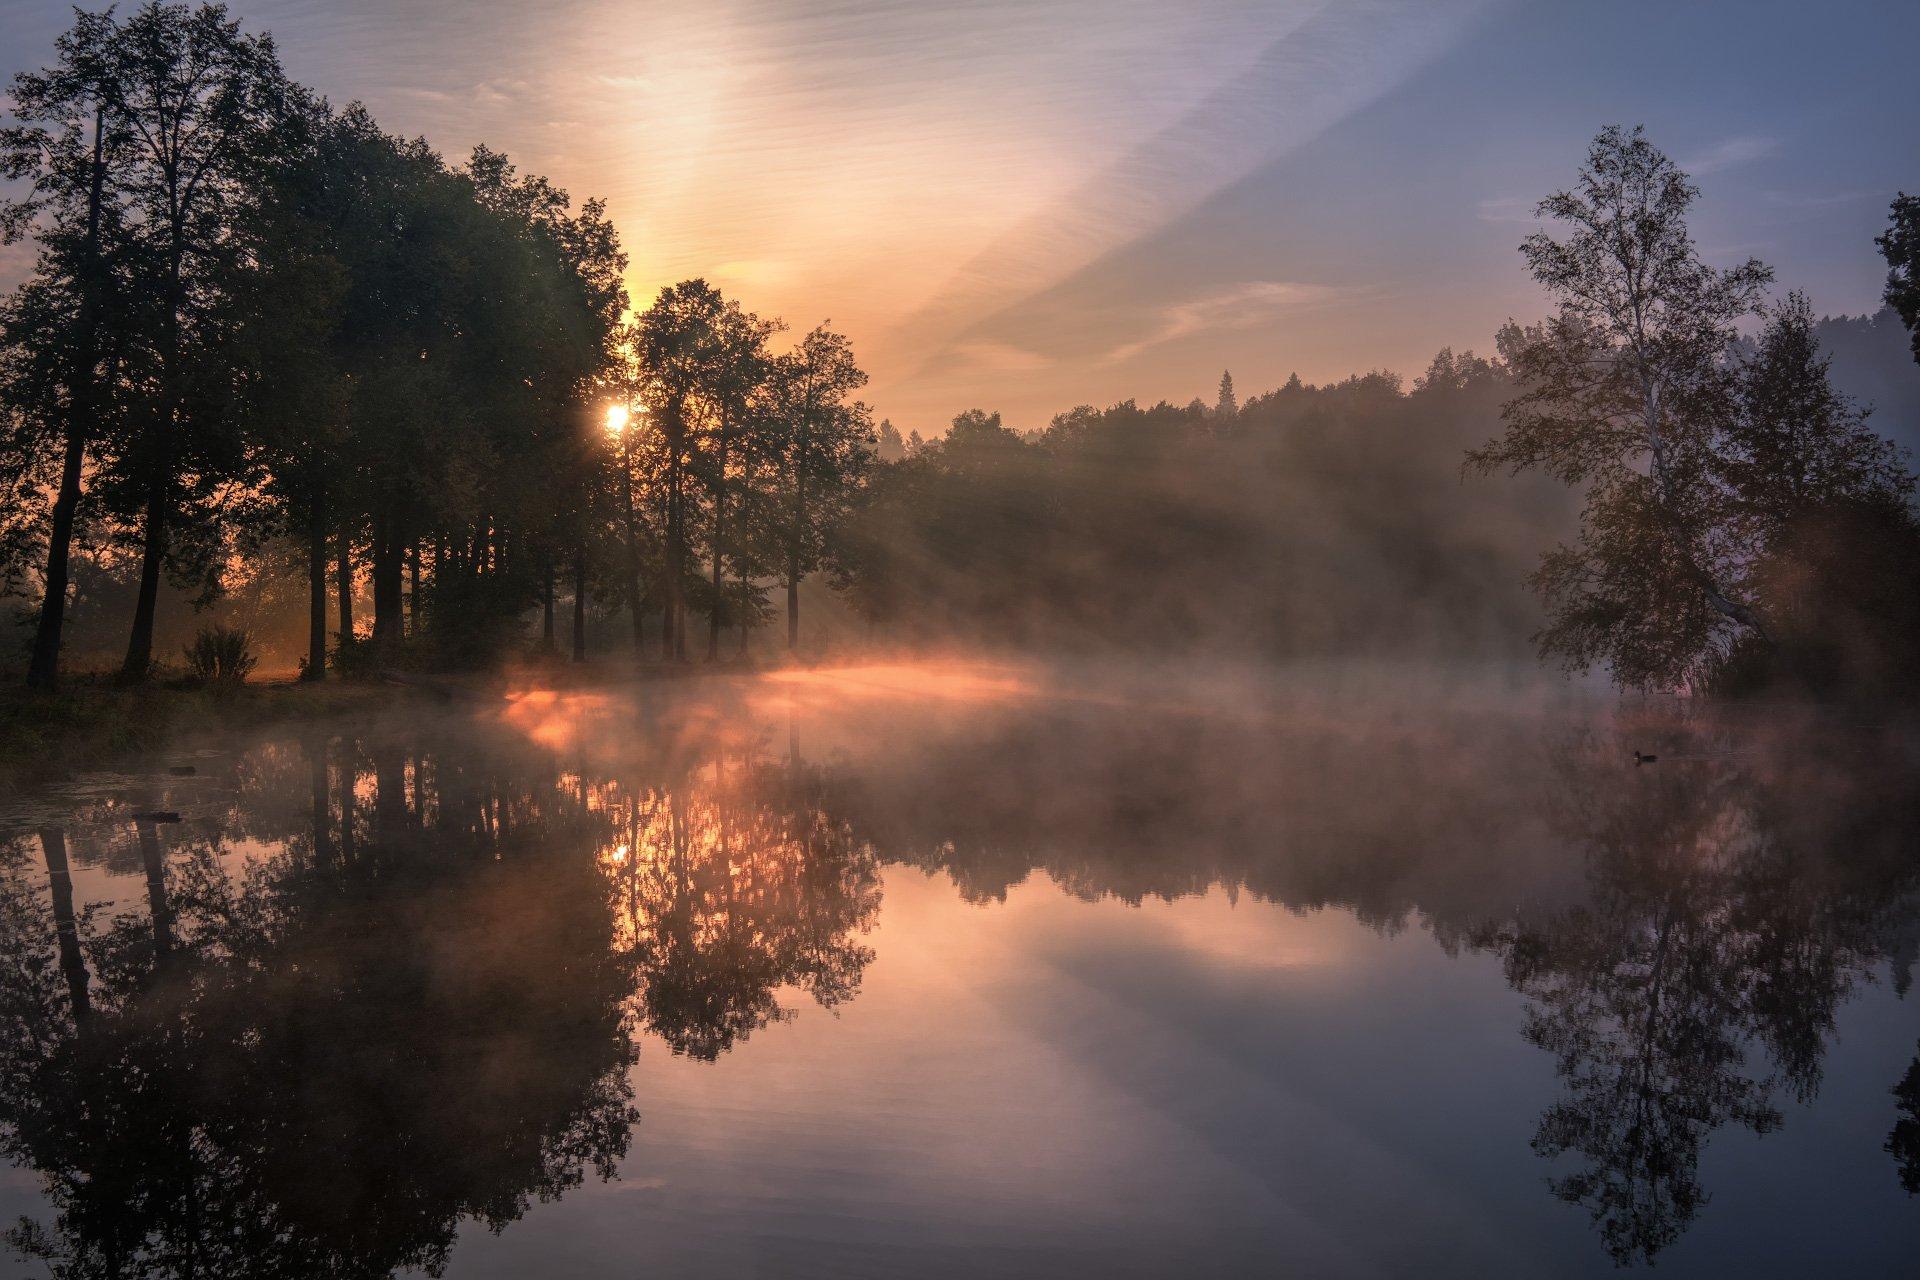 середниково, пруд, барский, туман, утро, рассвет, осень, лес, цвета, солнце, бабье лето, свет, Андрей Чиж